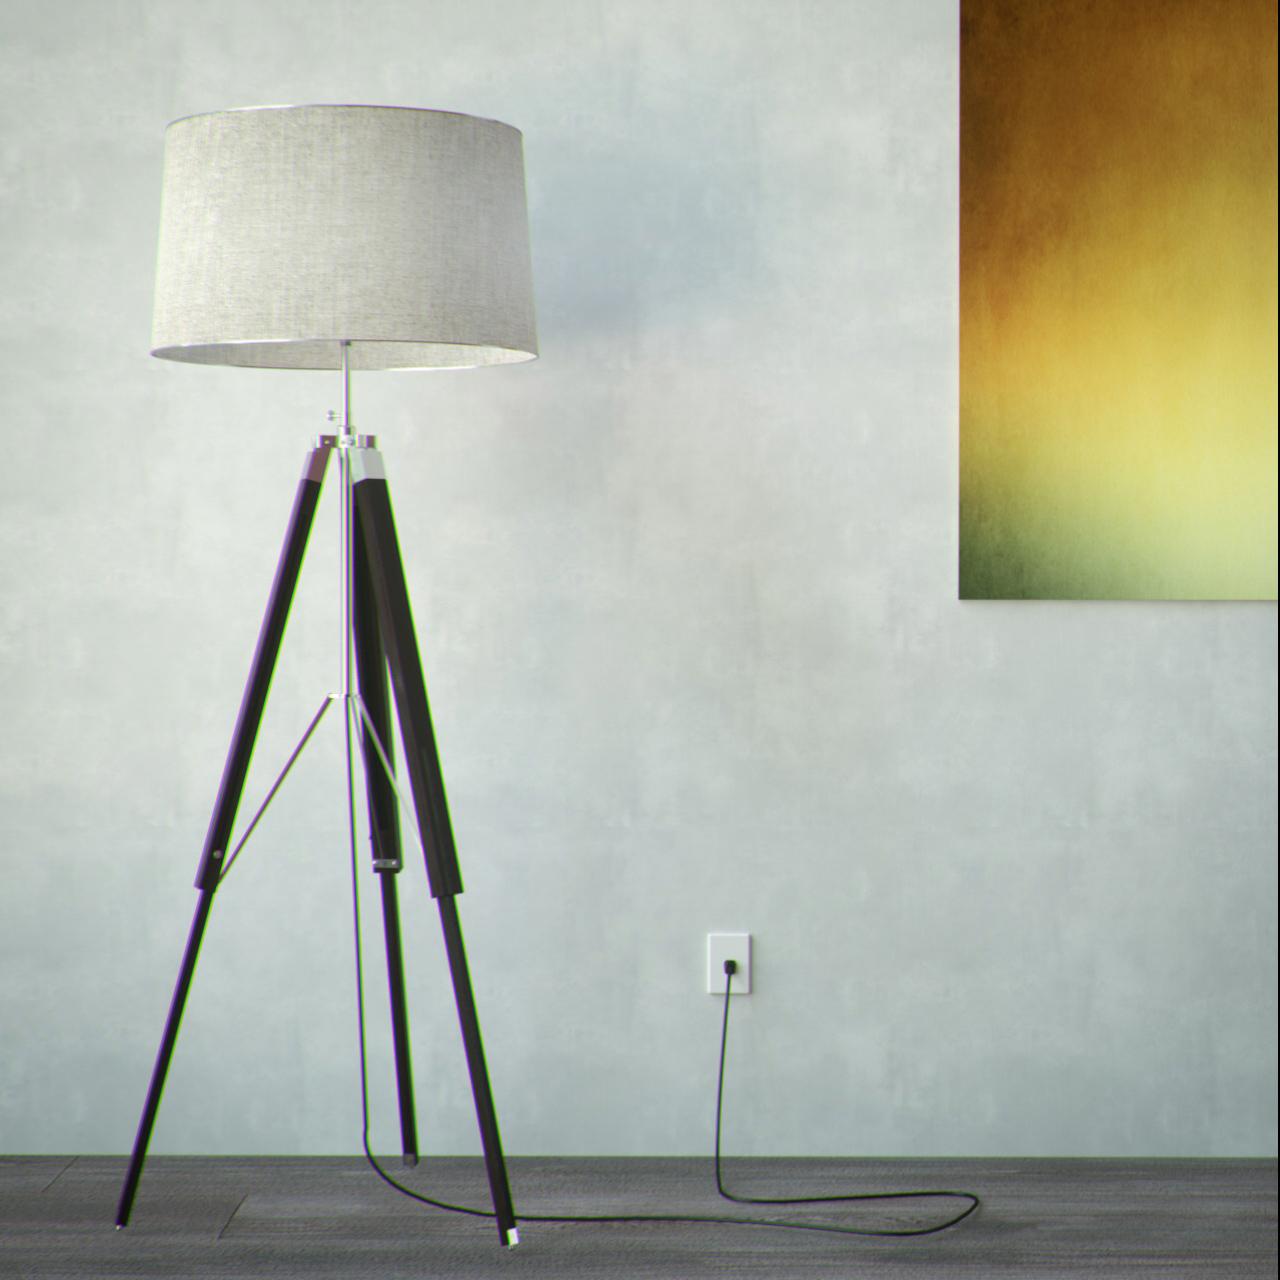 08.07 Octane Render. Day. A little lighting practice.Light model provided by www.dimensiva.com